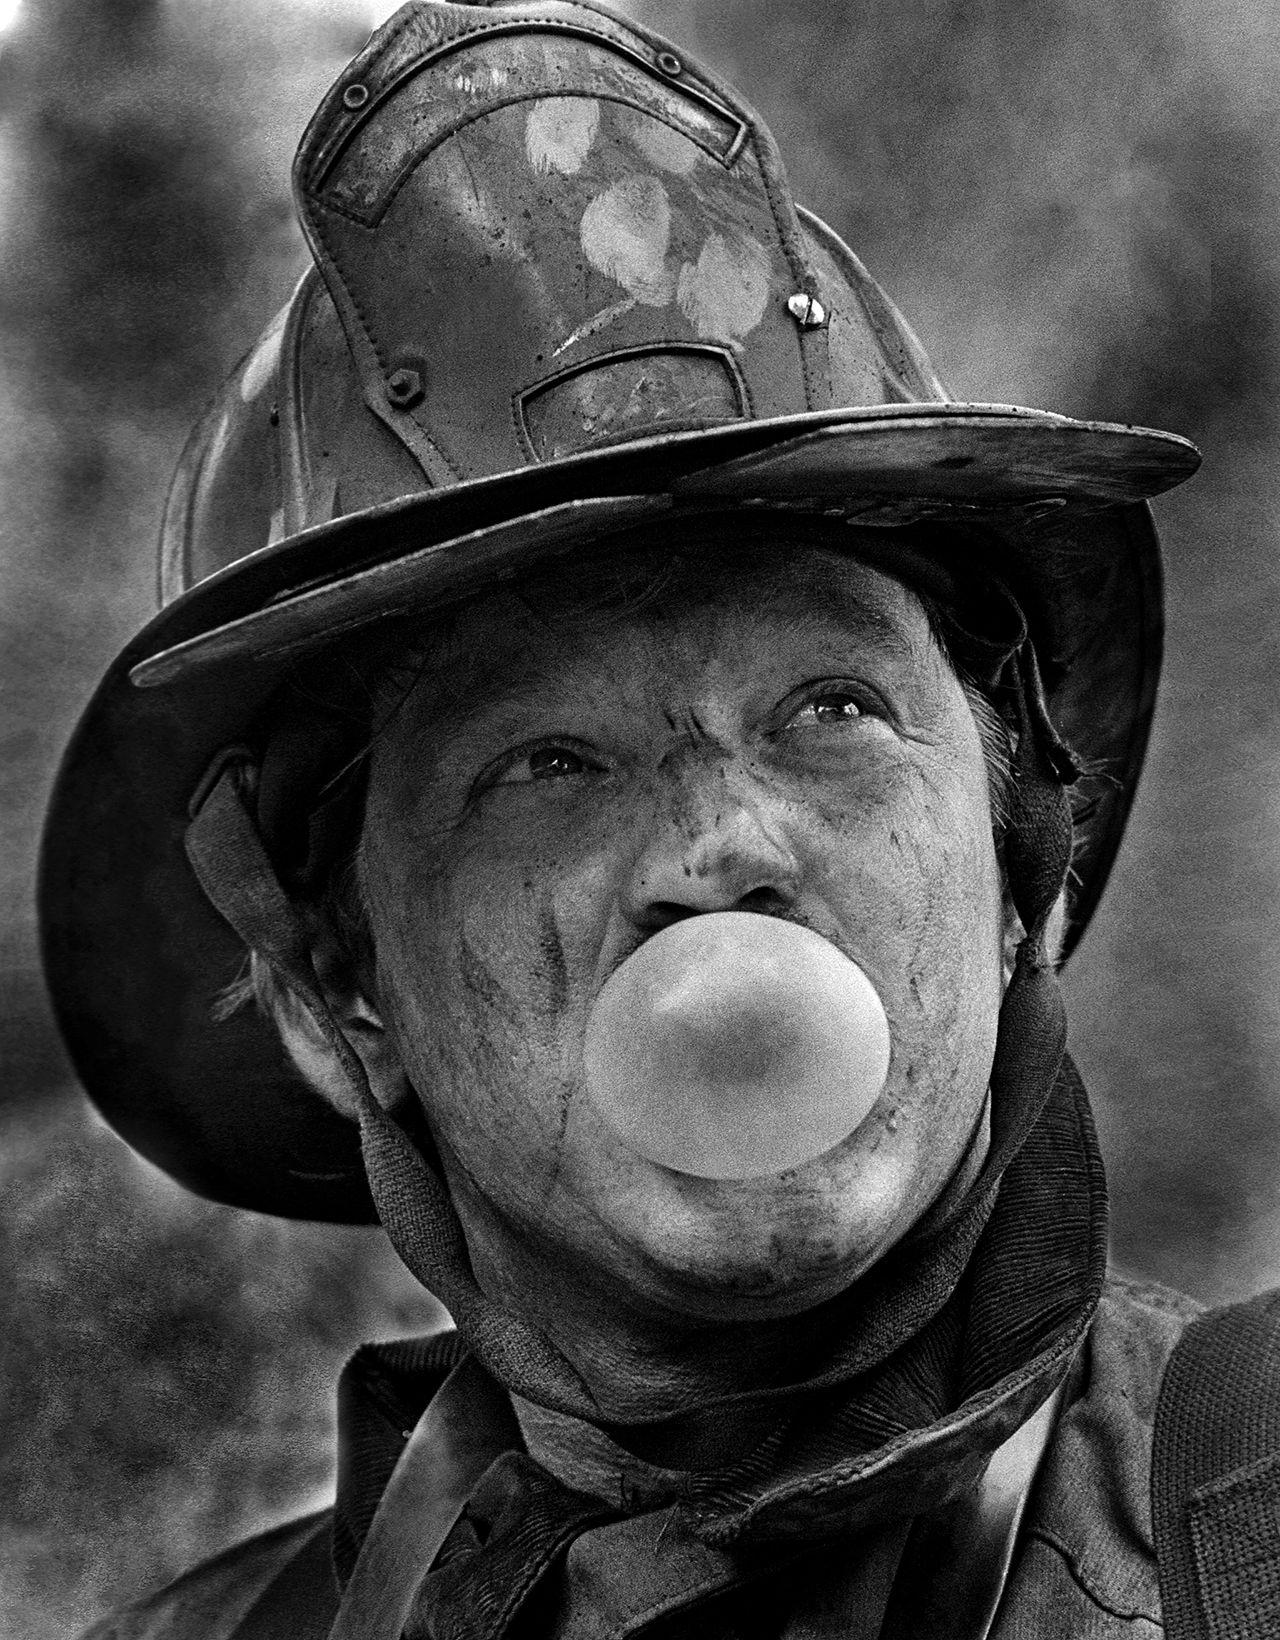 Fireman Bubble Gum